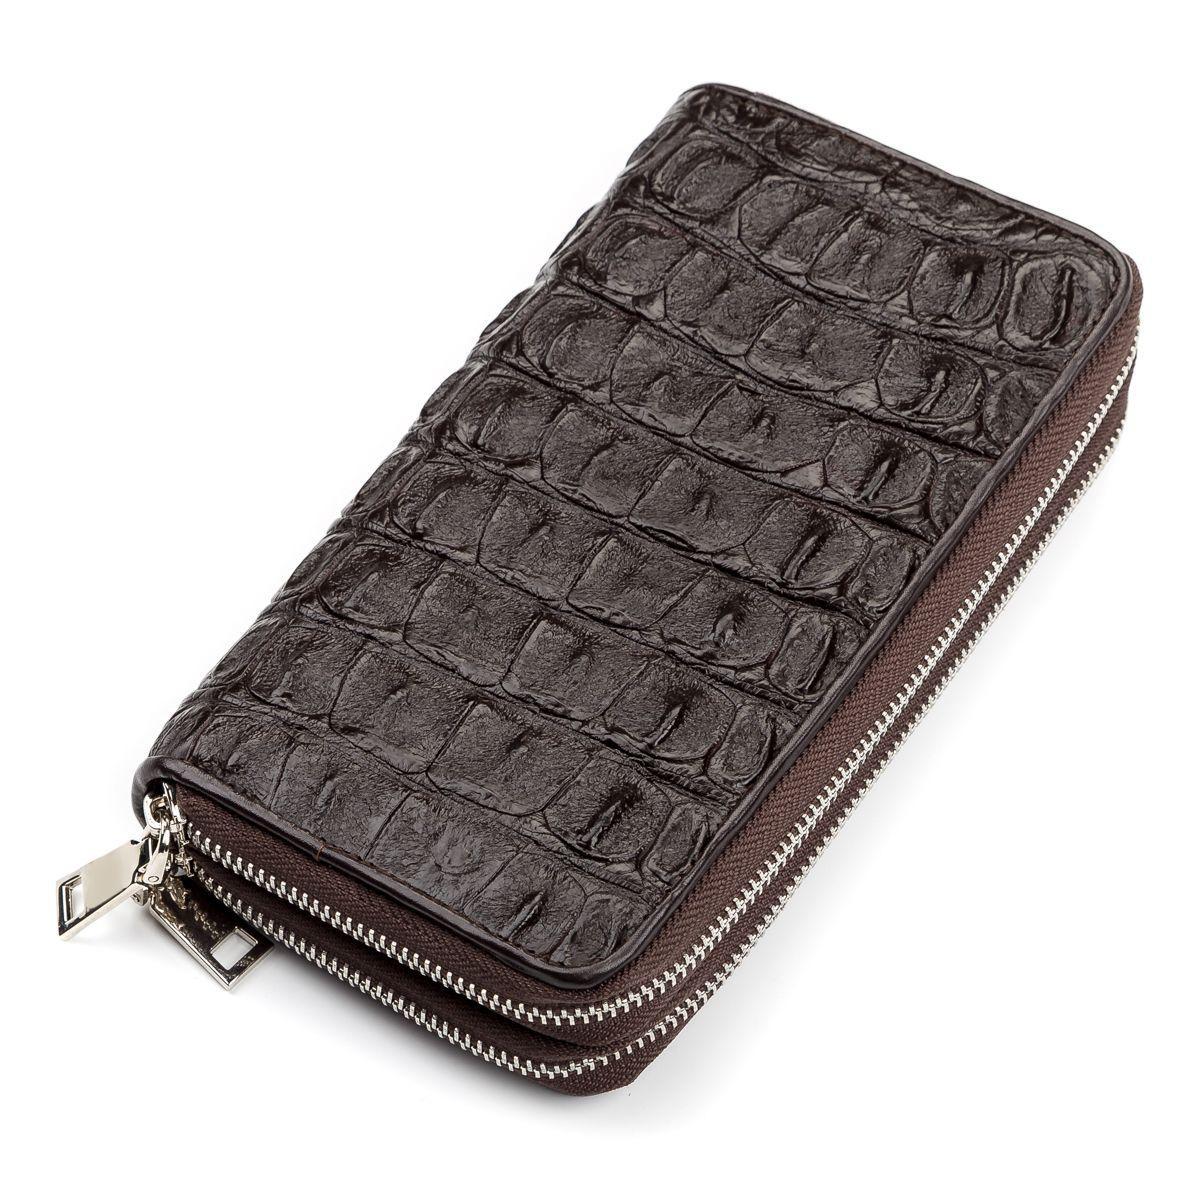 Мужской клатч CROCODILE LEATHER 18006 из натуральной кожи крокодила Коричневый, Коричневый